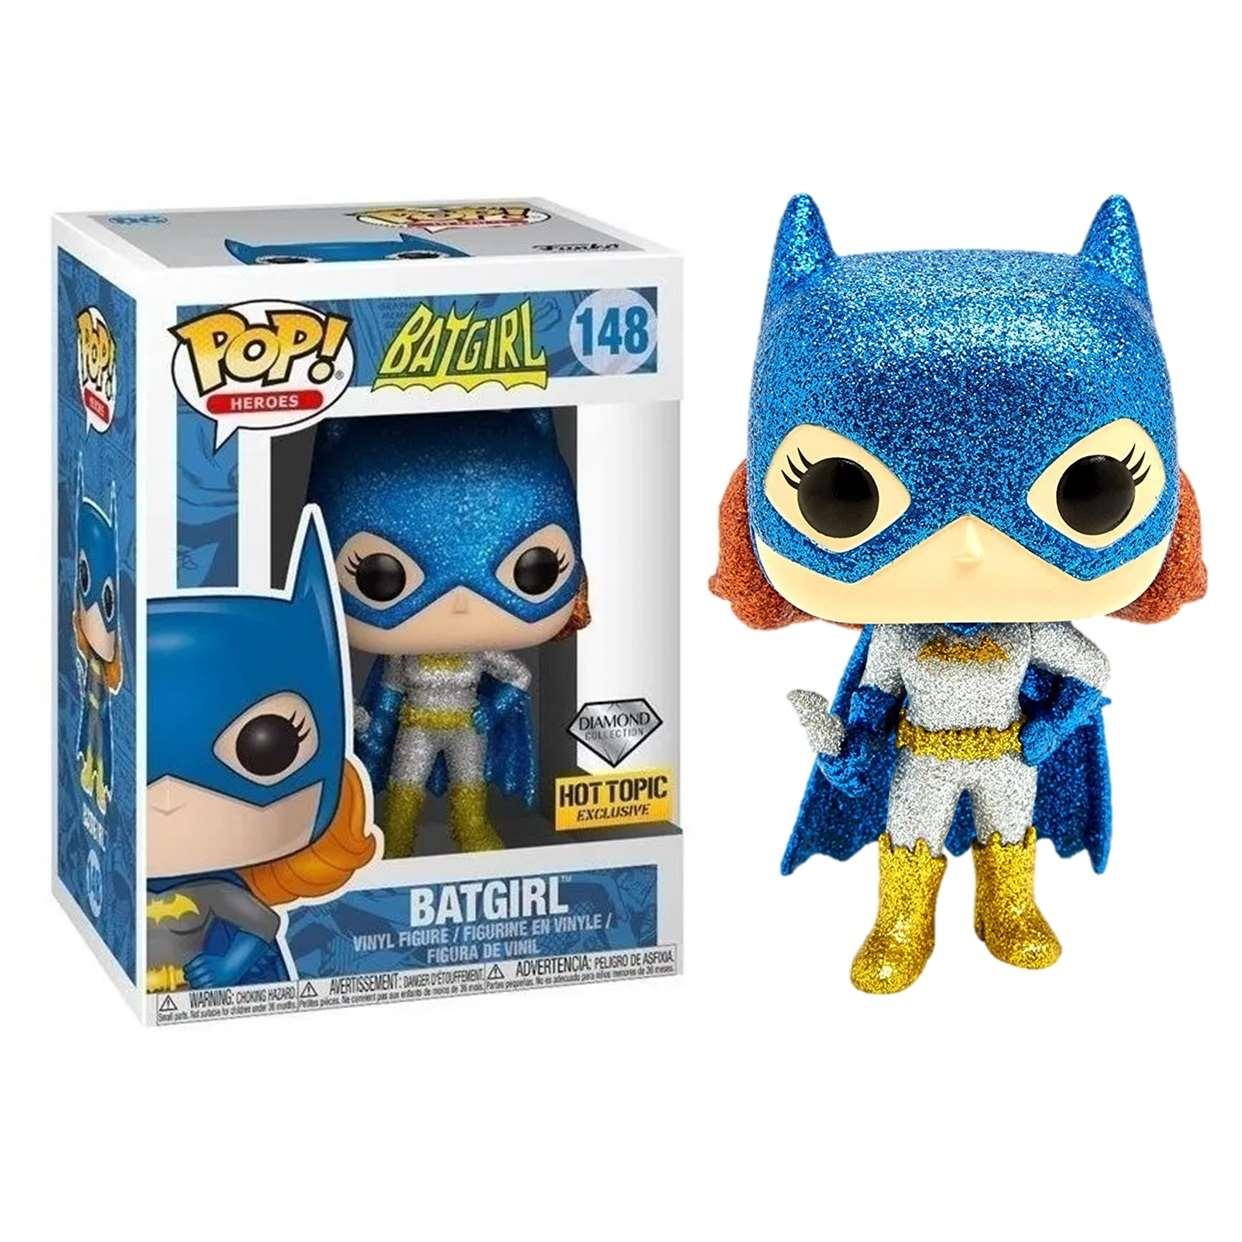 Batgirl #148 Figura Exclusive Hot Topic Funko Pop!